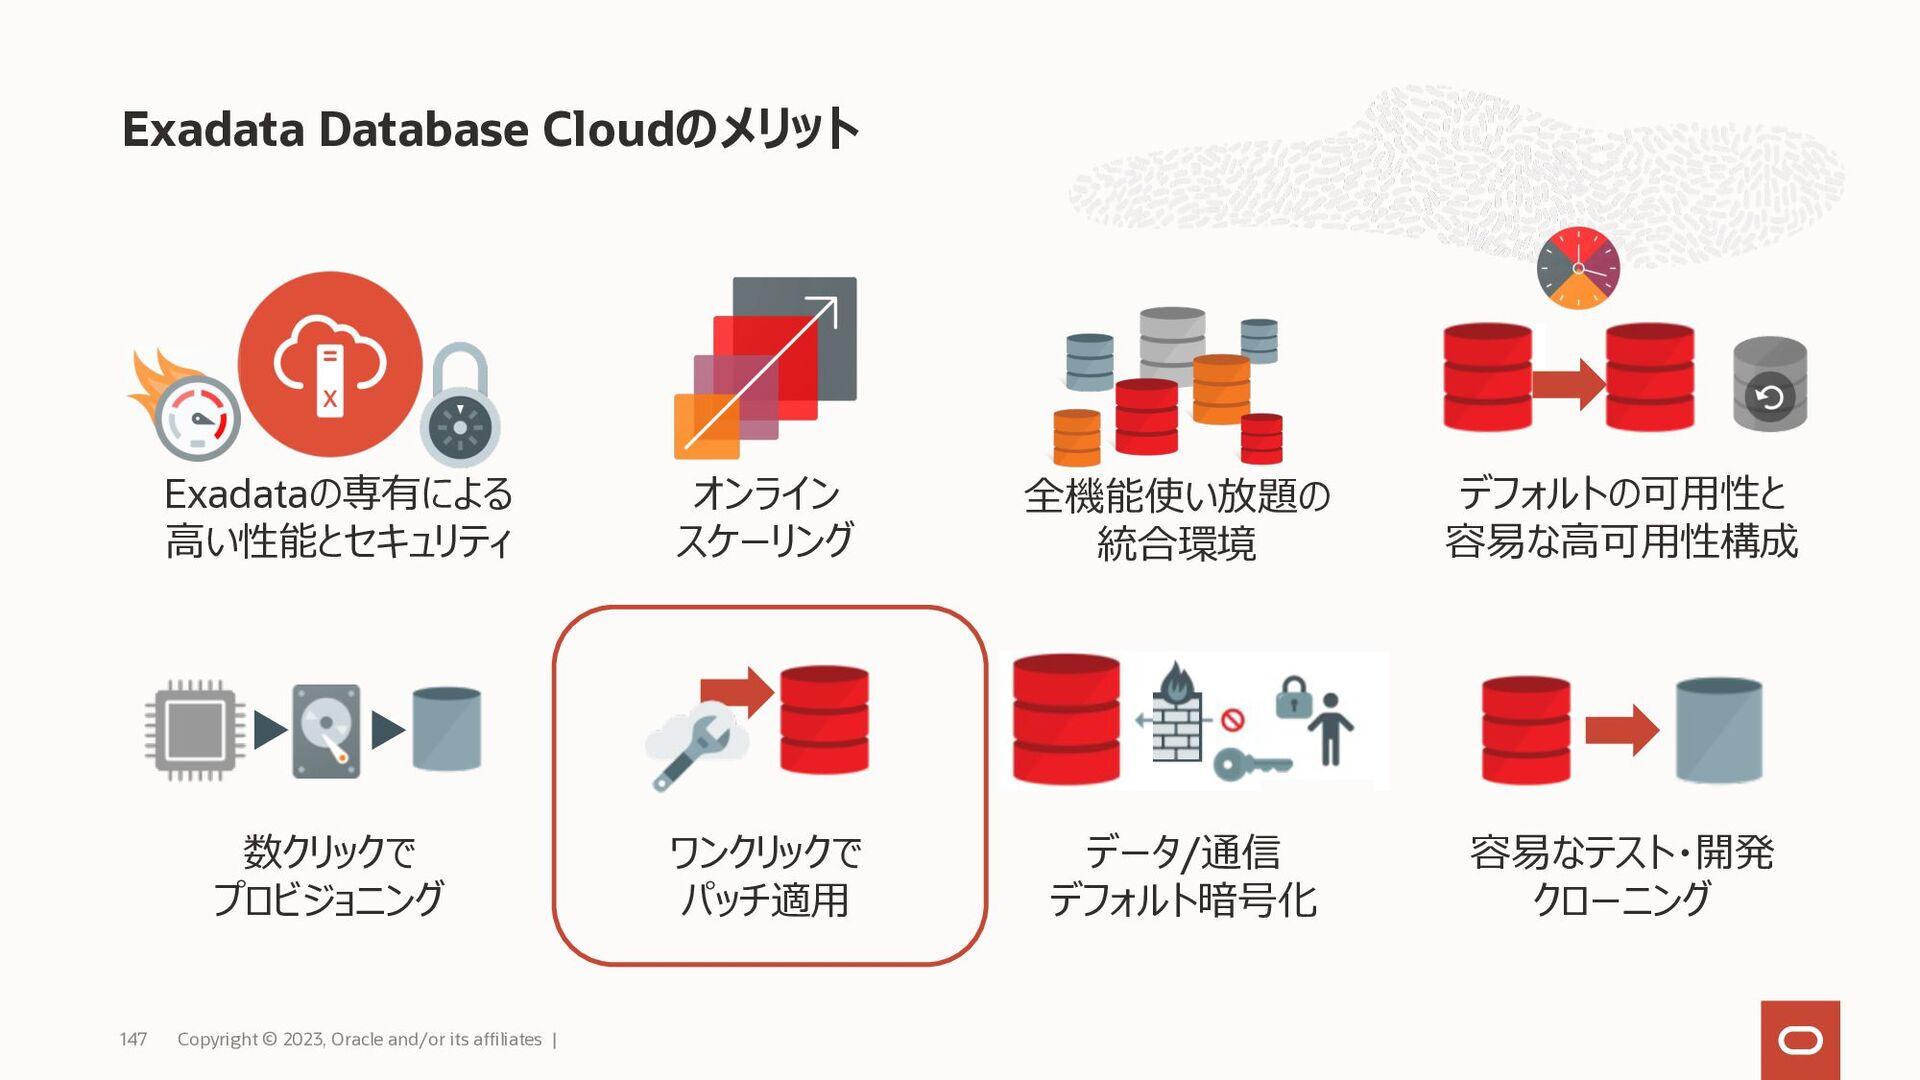 マニュアル • OCI ドキュメント > Database > Exadata DBシステム ...